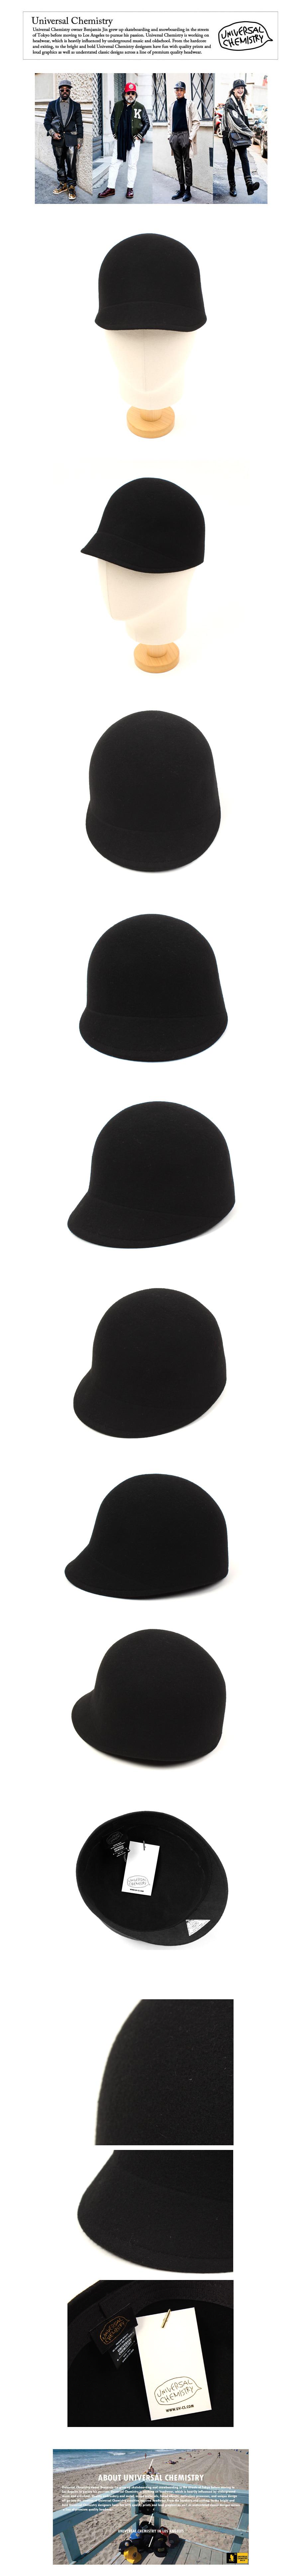 Wool Black Round Riding Cap 승마모자